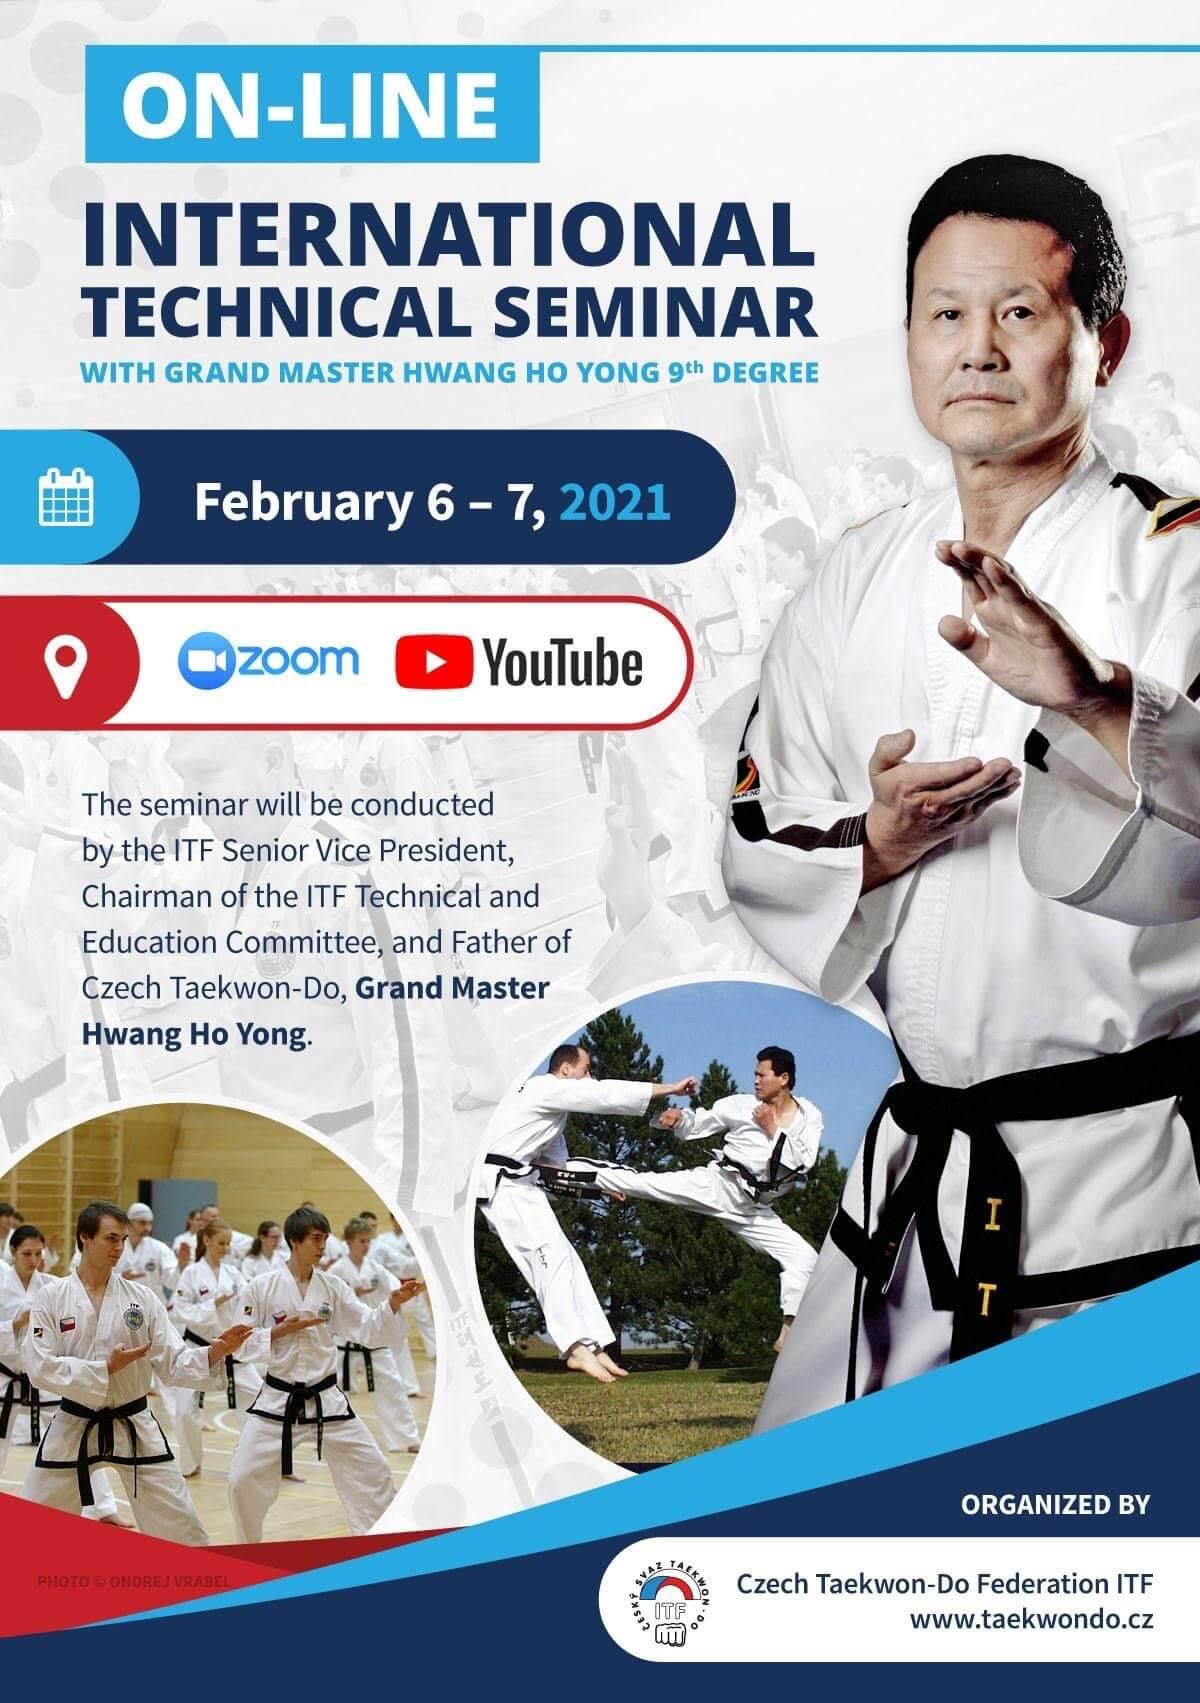 Technical Seminar with Grand Master Hwang Ho Yong 9th Degree